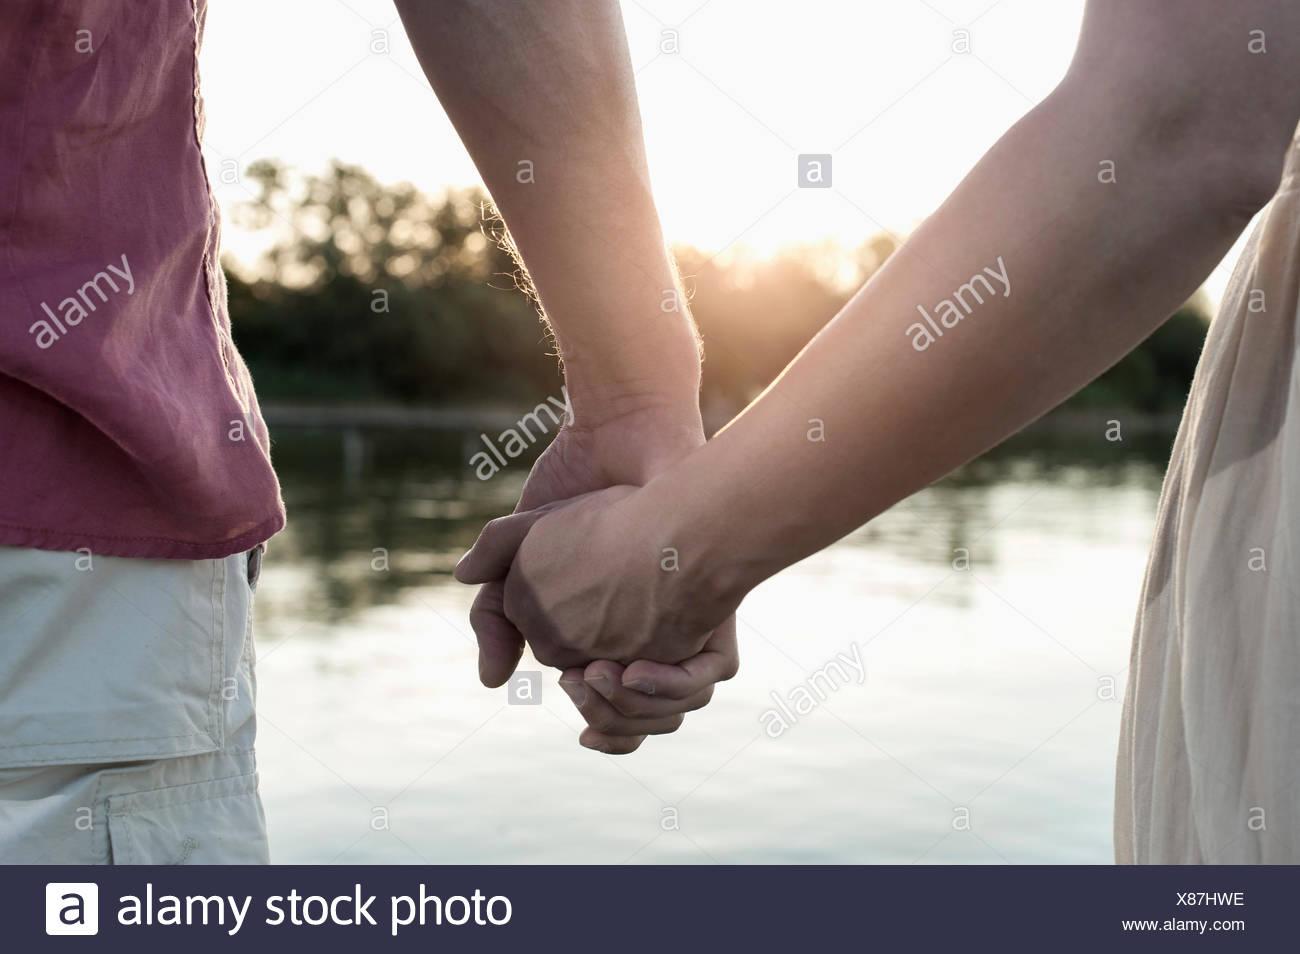 Up d'un couple amoureux se tenant la main pendant le coucher du soleil, Bavière, Allemagne Photo Stock